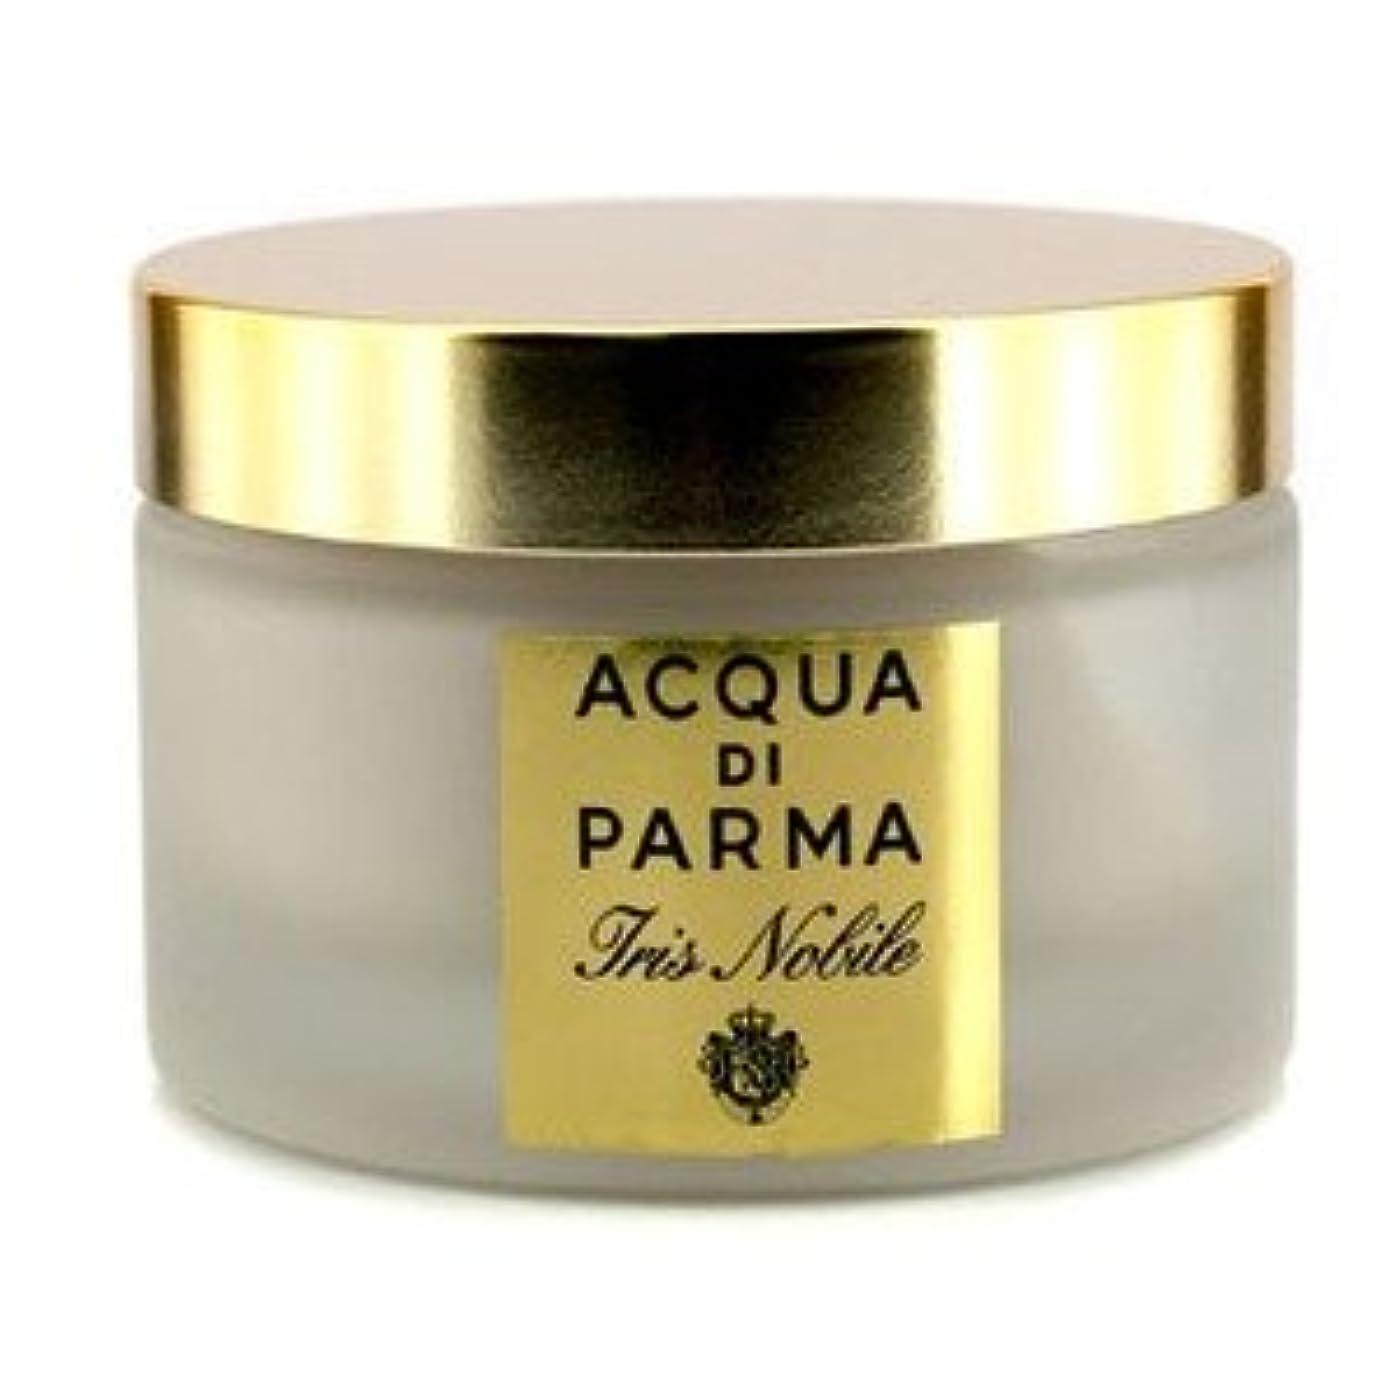 地味な美しいキャロラインアクア ディ パルマ[Acqua Di Parma] アイリス ノービル ルミナス ボディ クリーム 150g/5.25oz [並行輸入品]